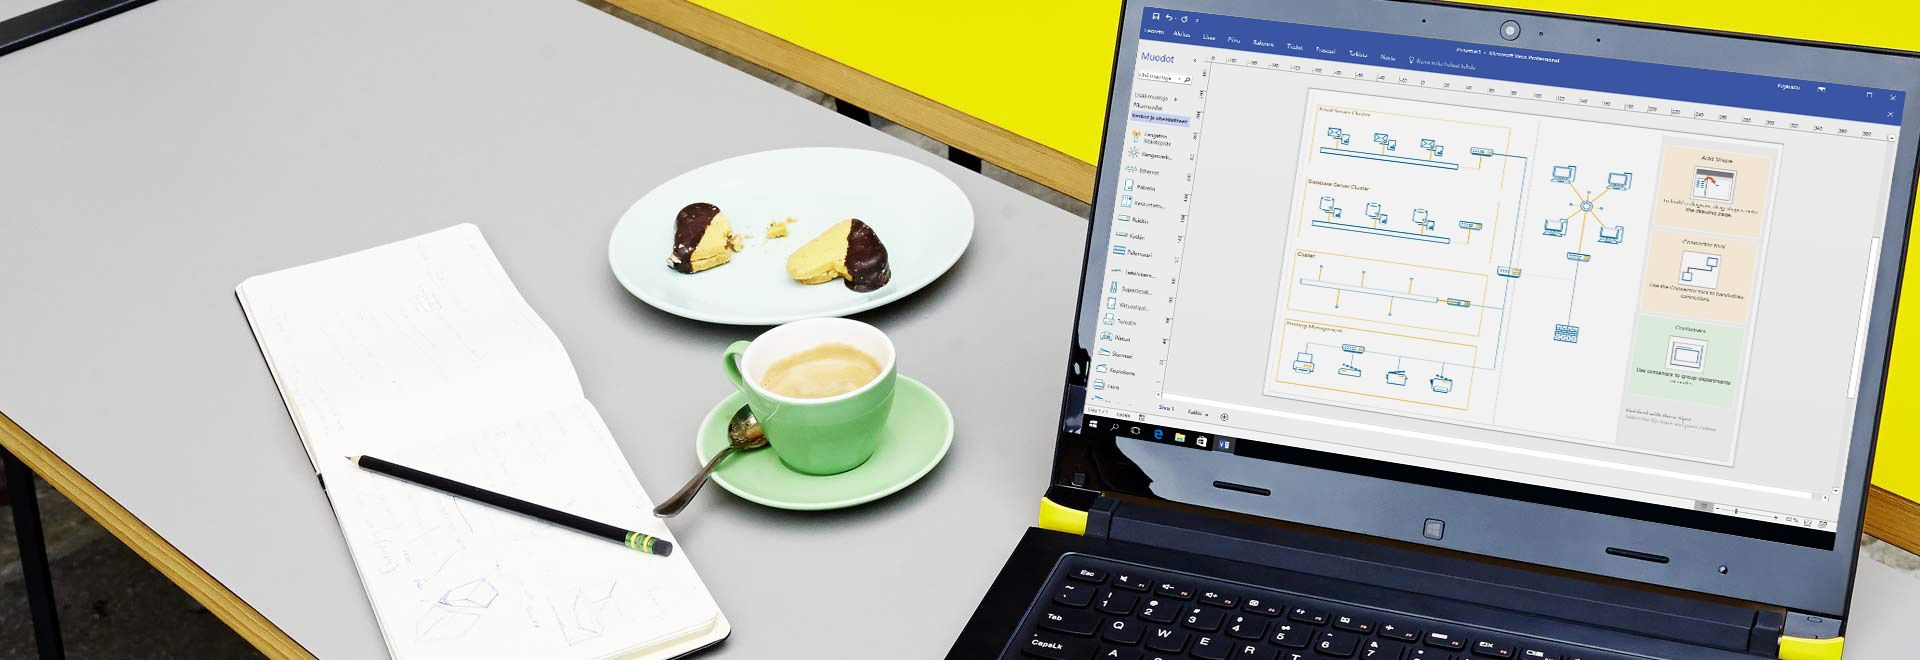 Lähikuva pöydällä olevasta kannettavasta tietokoneesta, jossa näkyy Visio-kaavio muokkausvalintanauhoineen ja ruutuineen